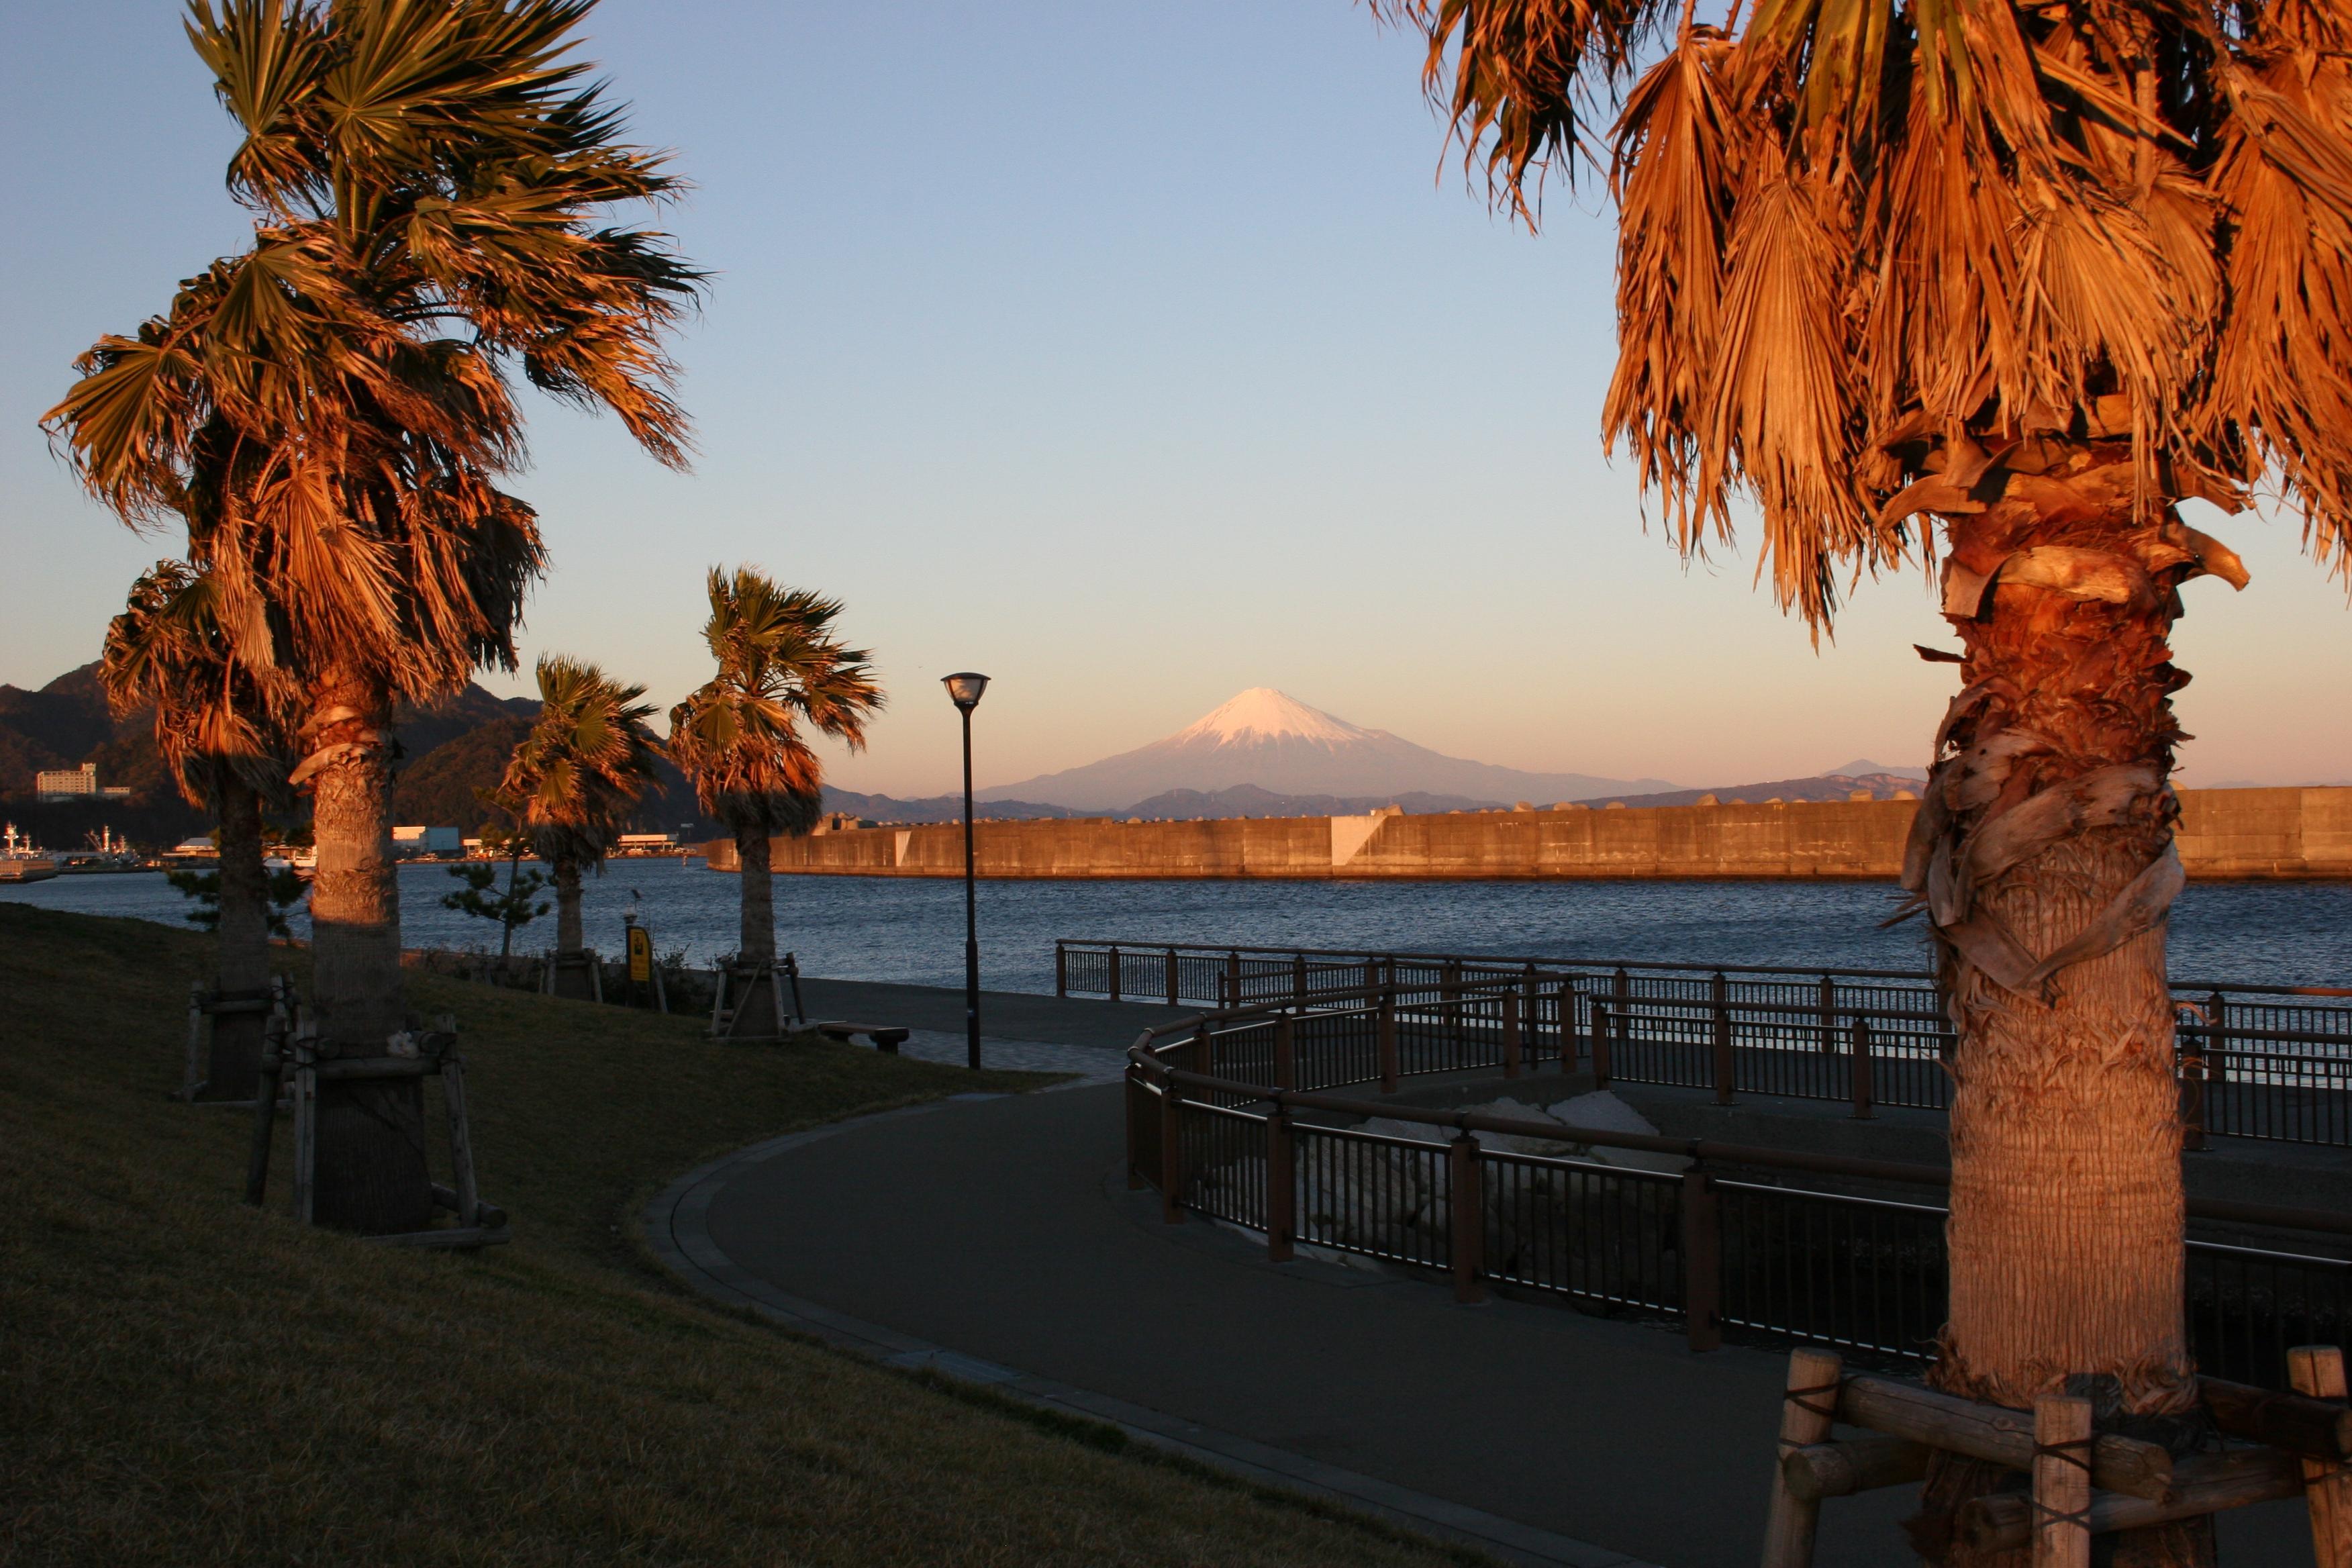 20121206親水広場ふぃしゅーな富士山